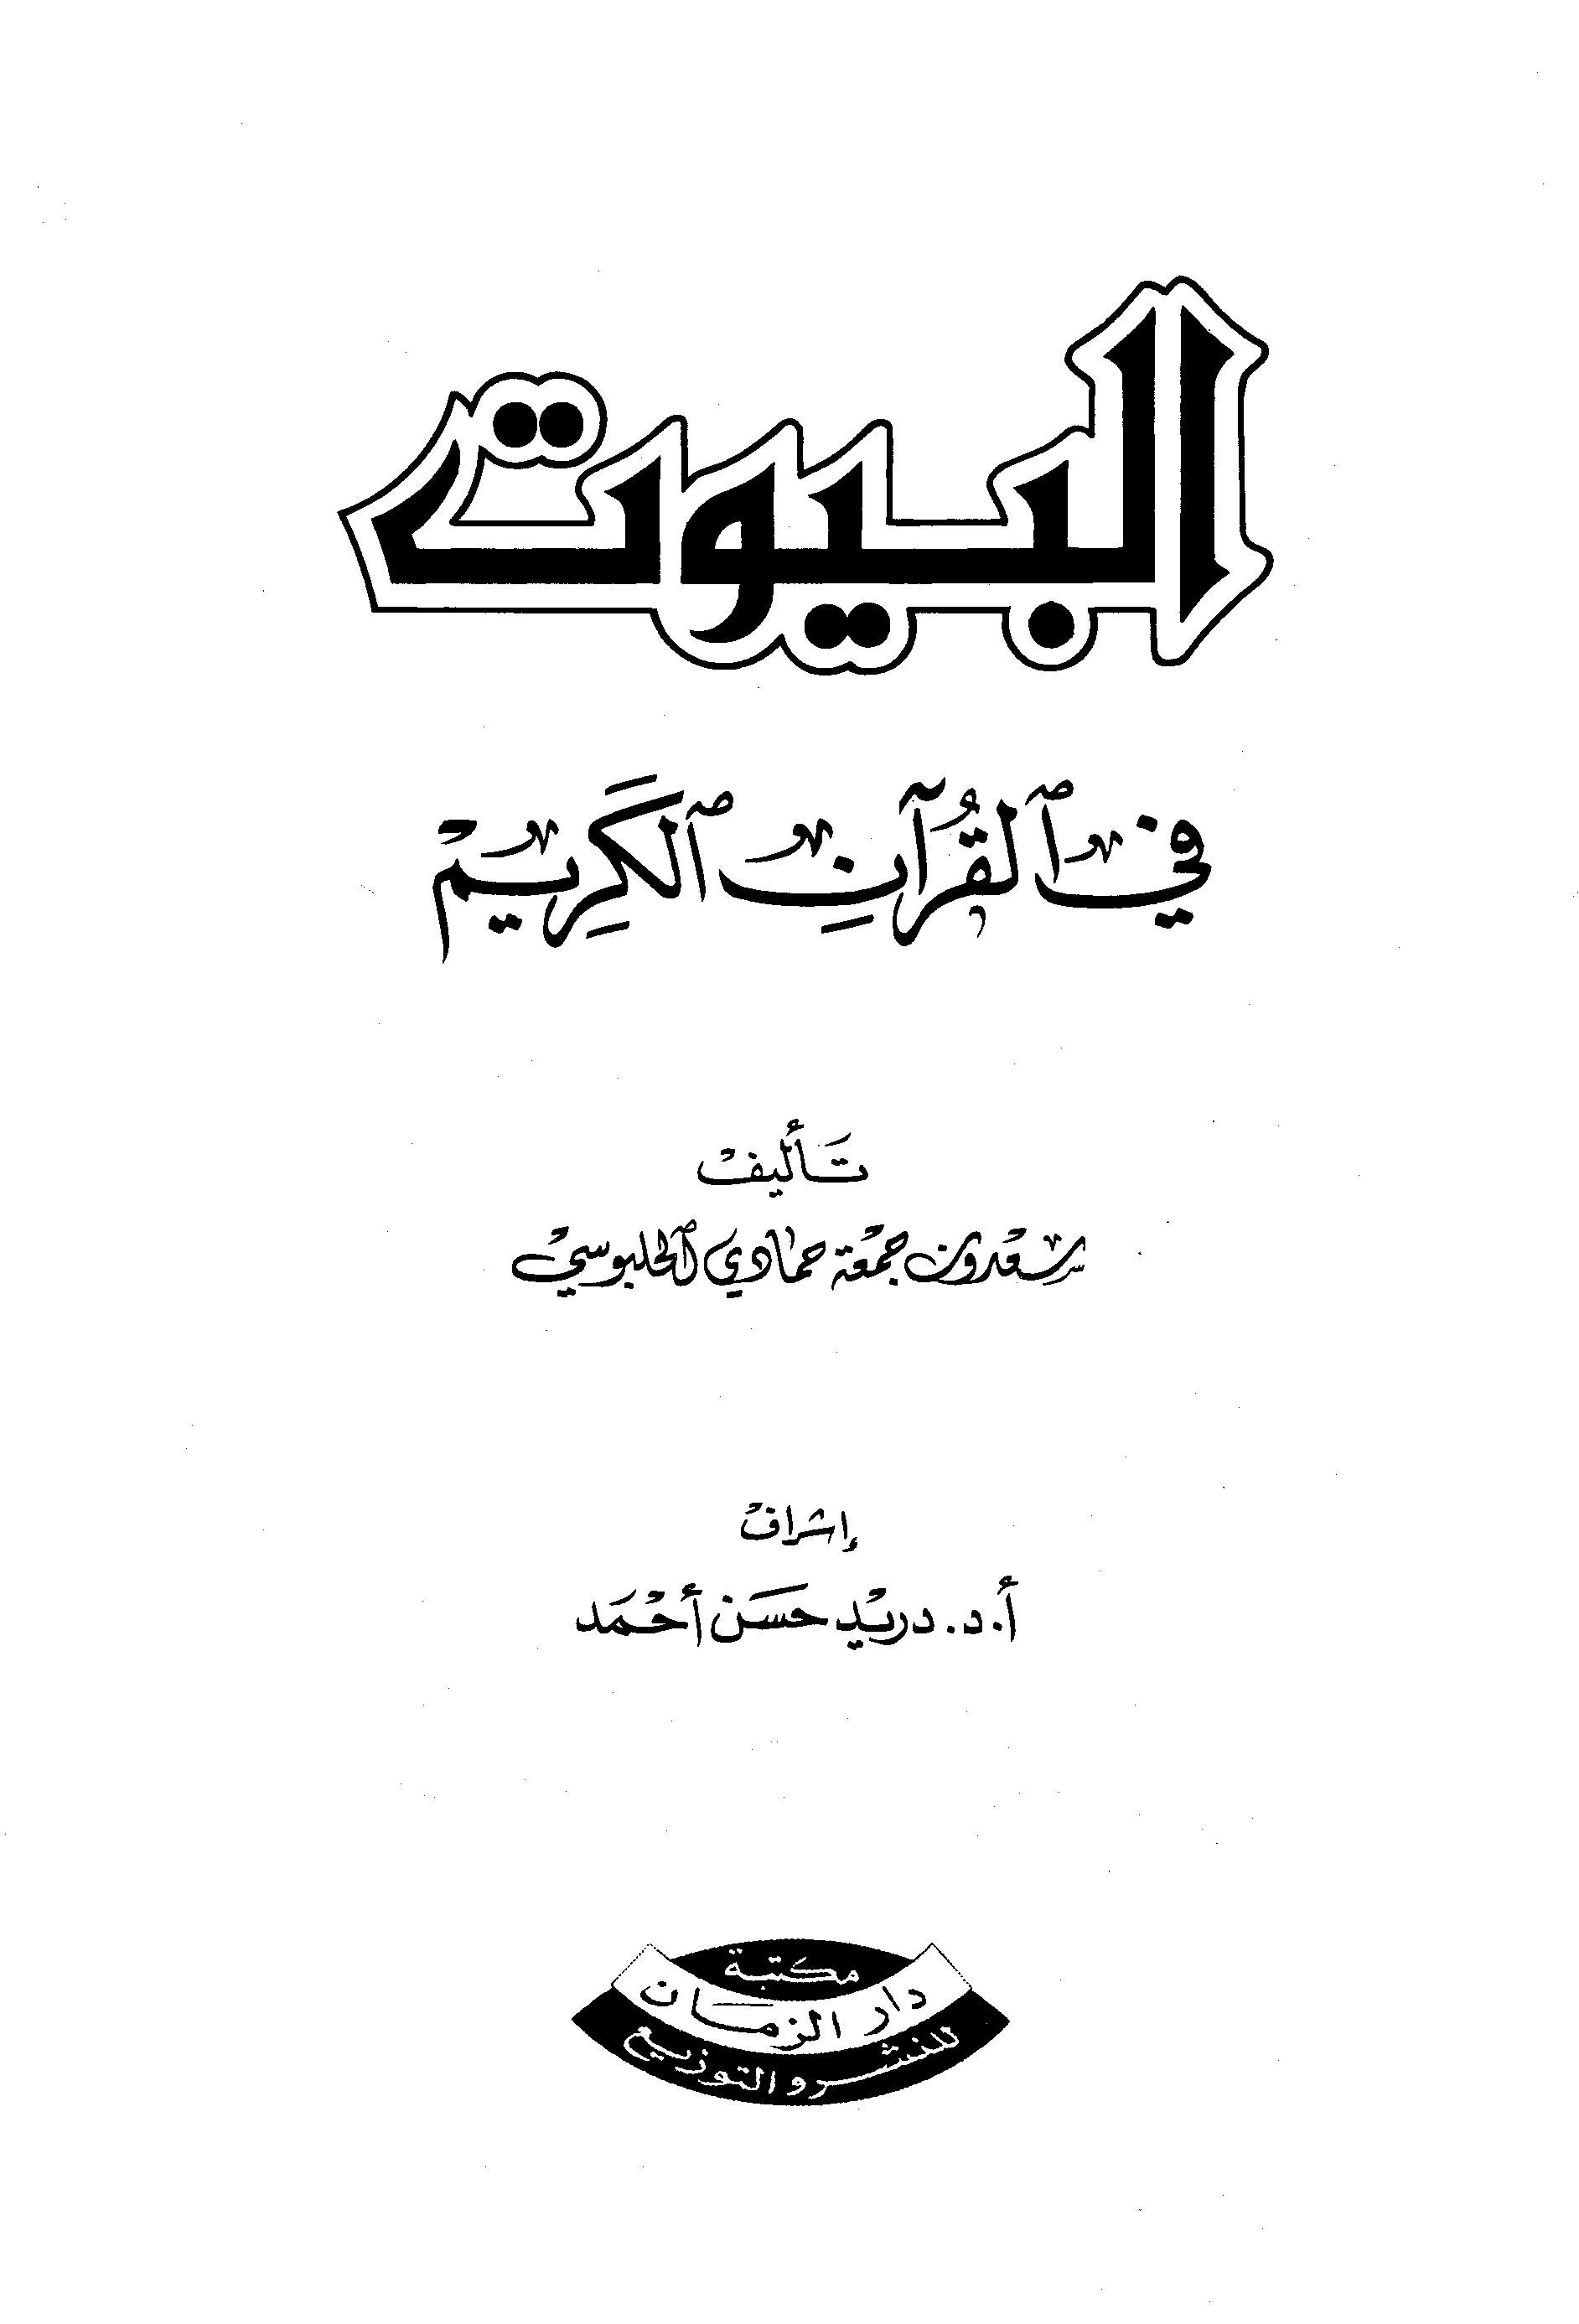 تحميل كتاب البيوت في القرآن الكريم لـِ: الدكتور سعدون جمعة حمادي سلمان الحلبوسي